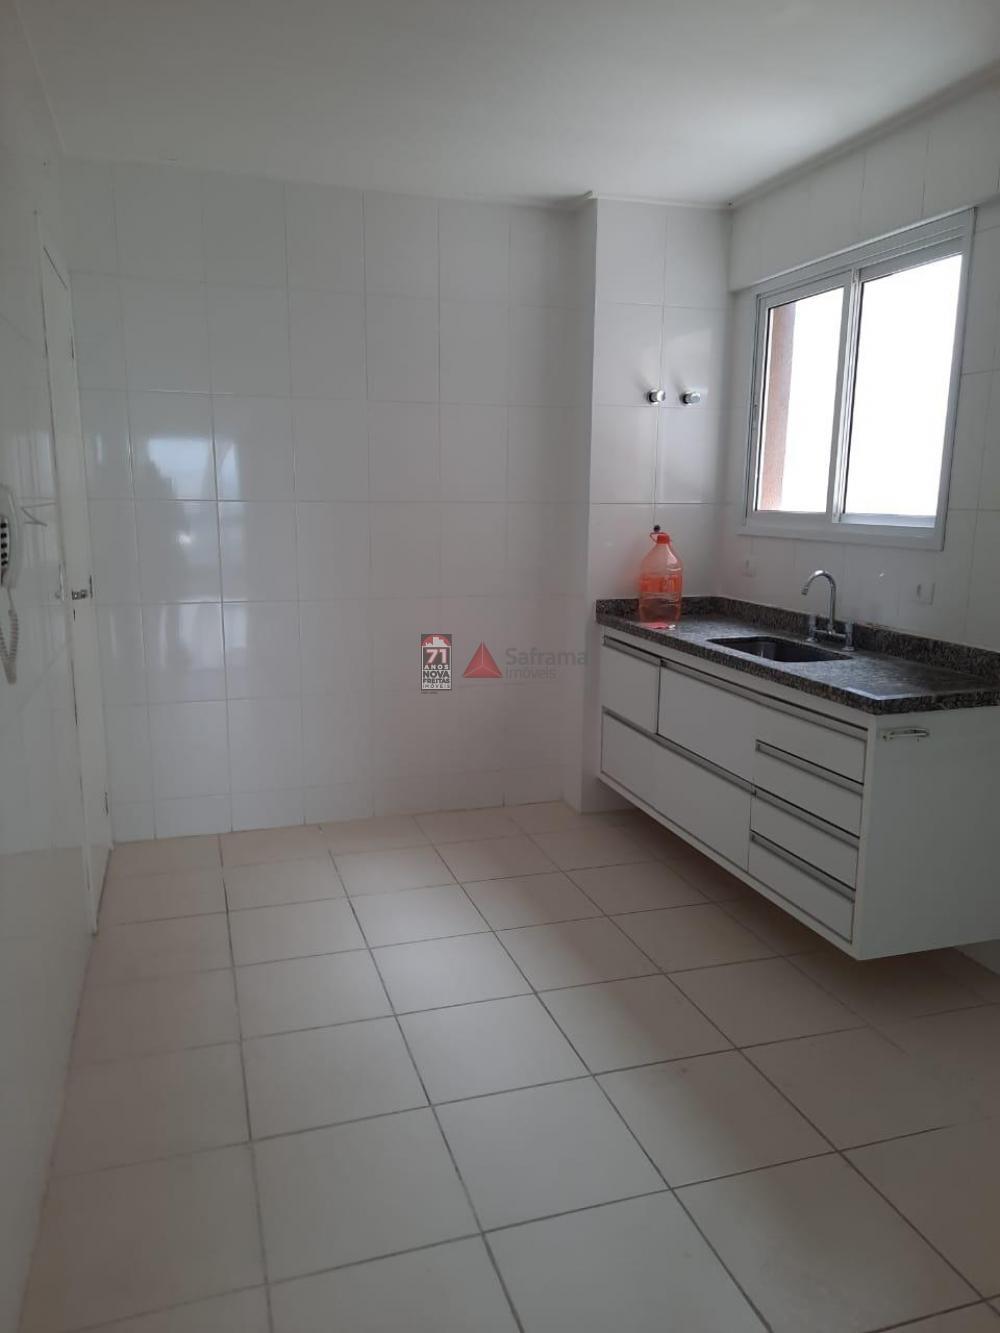 Comprar Apartamento / Padrão em São José dos Campos apenas R$ 610.000,00 - Foto 7